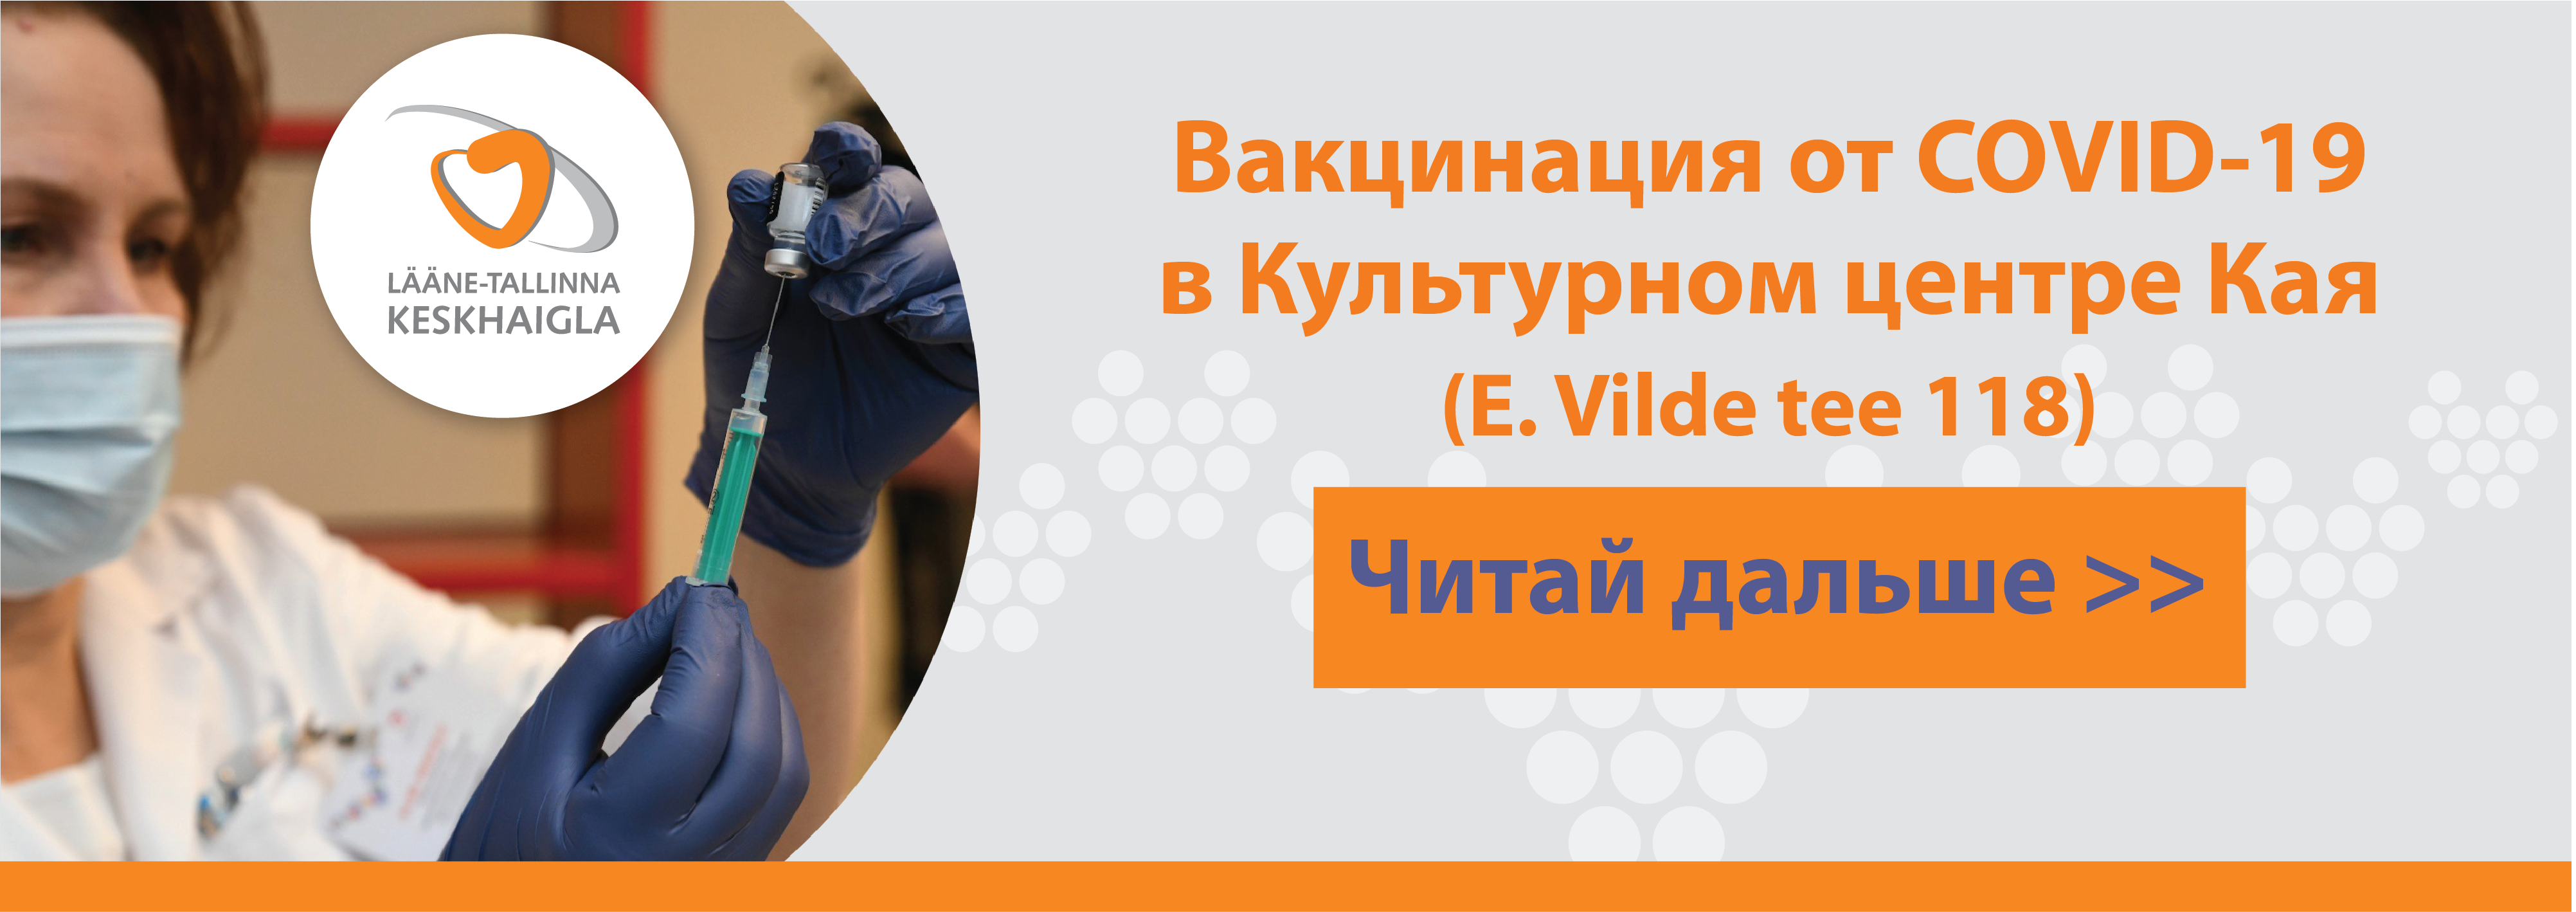 slider_covid-19-vaktsineerimine-Kaja-RUS